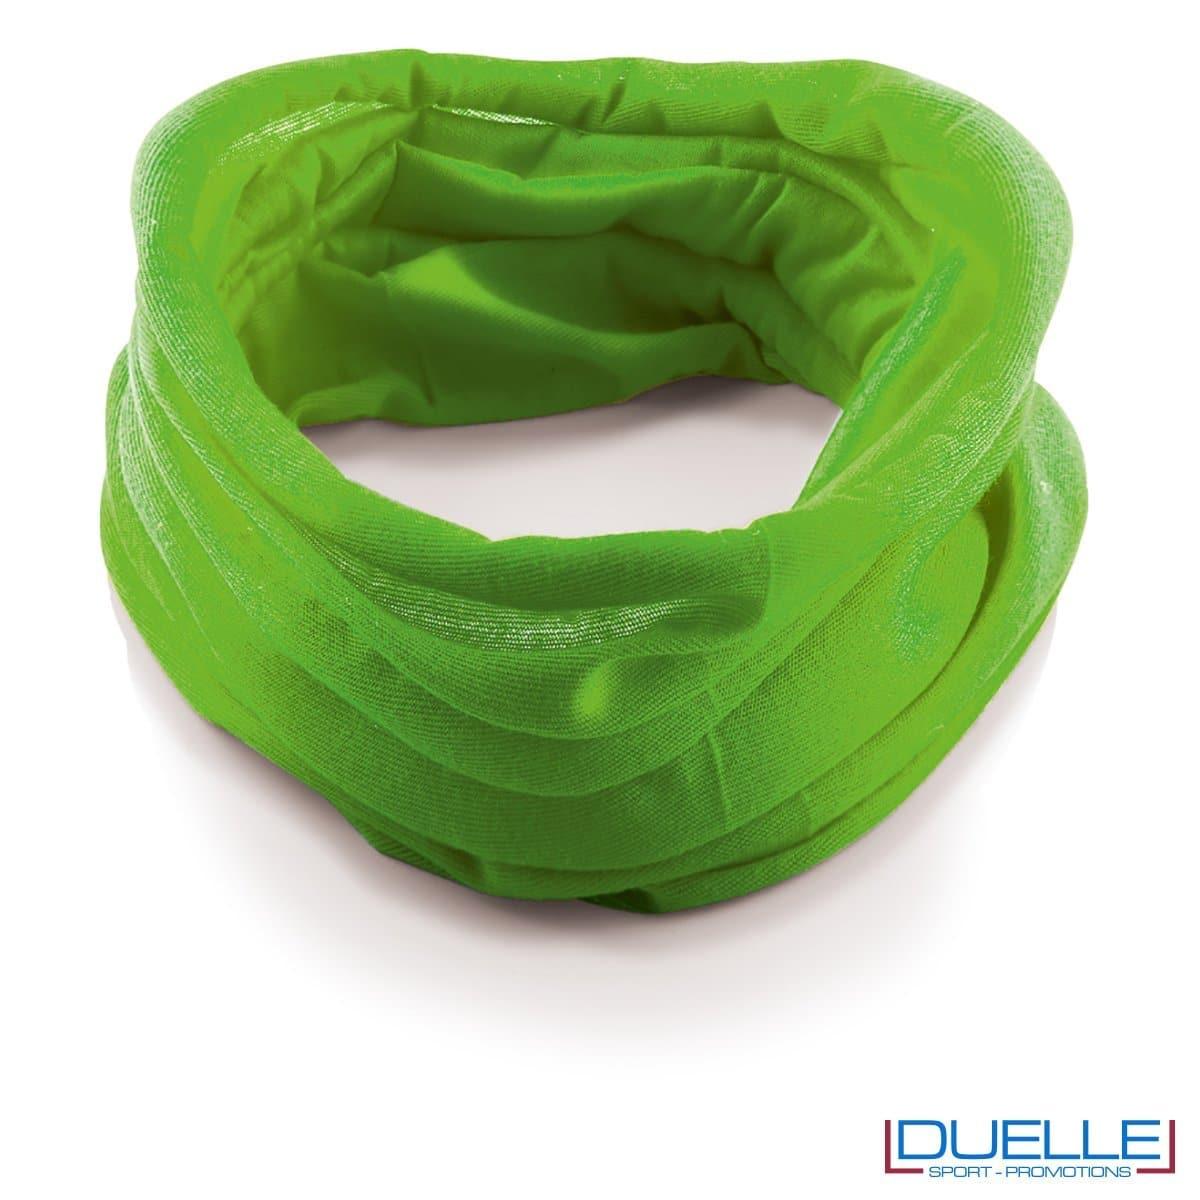 Scaldacollo personalizzato colore verde chiaro